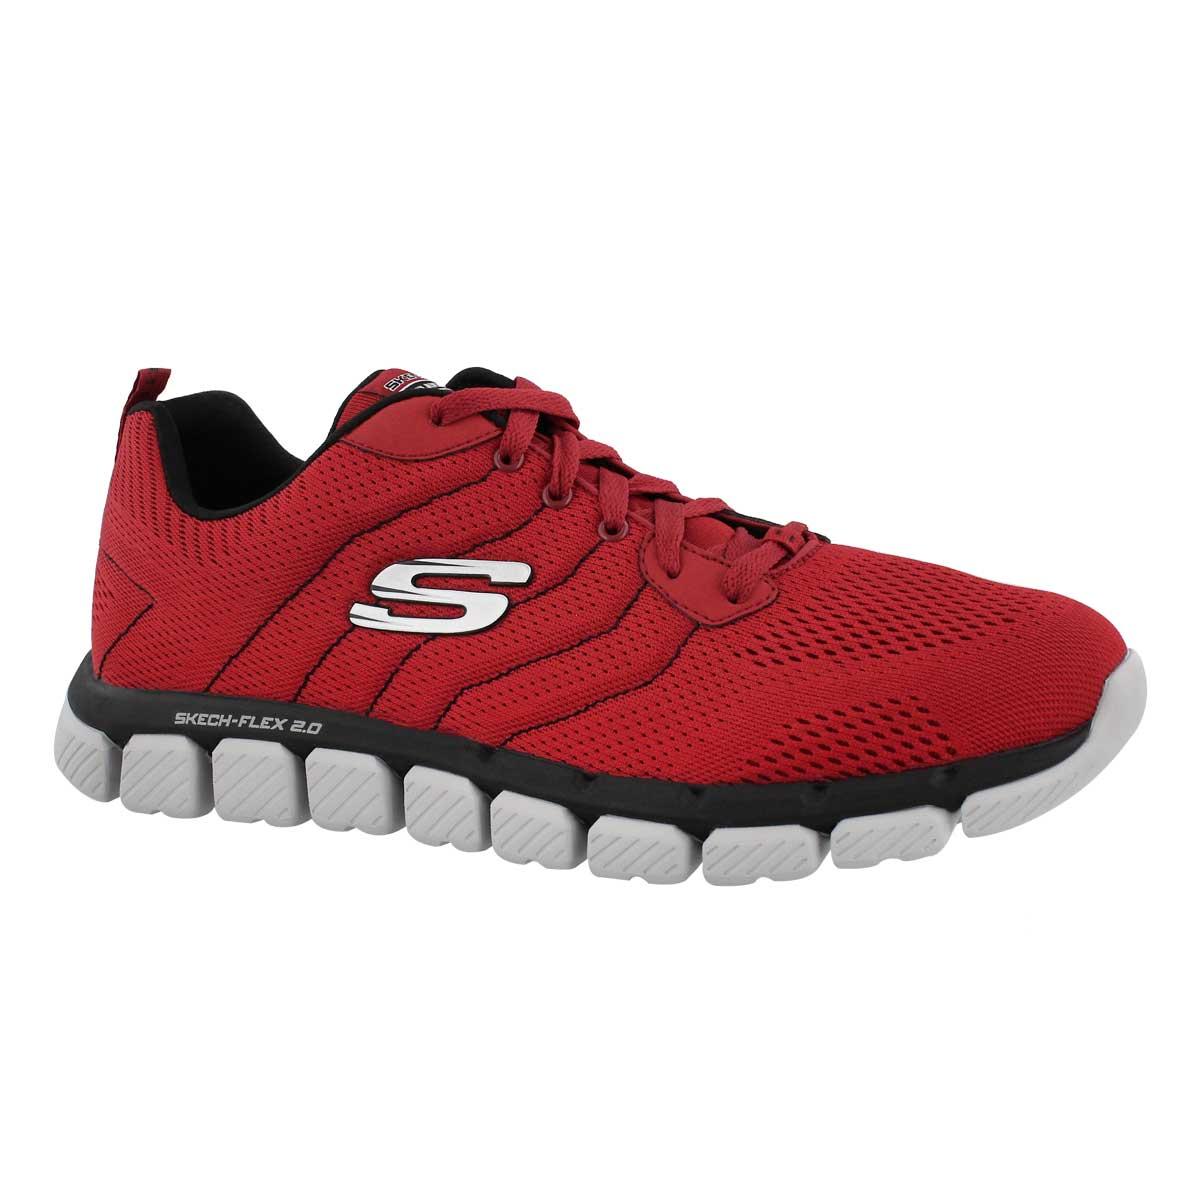 Men's SKECH-FLEX 2.0 MILWEE red/black sneakers